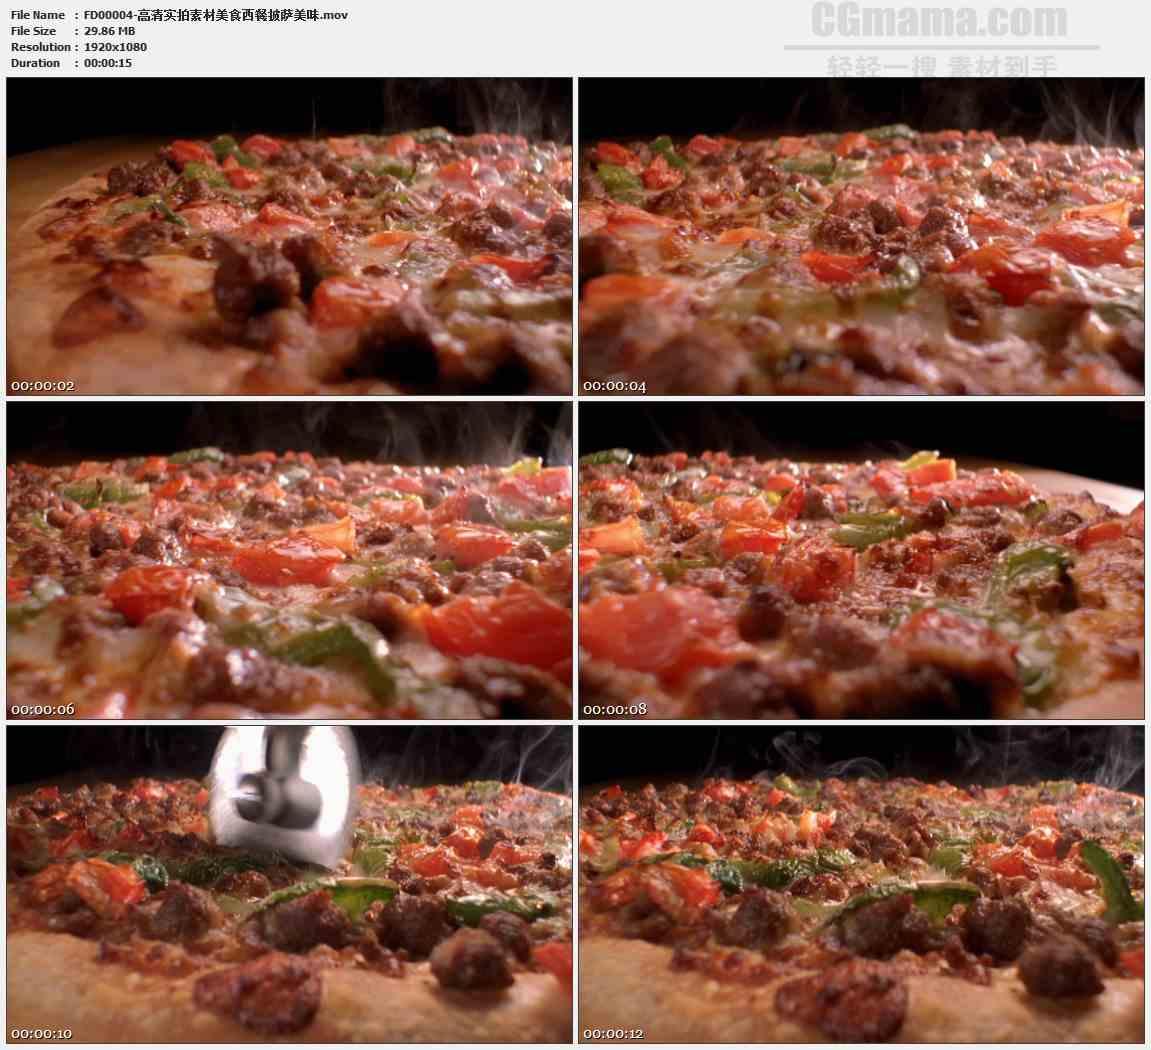 FD00004-美食西餐切割披萨美味高清实拍视频素材